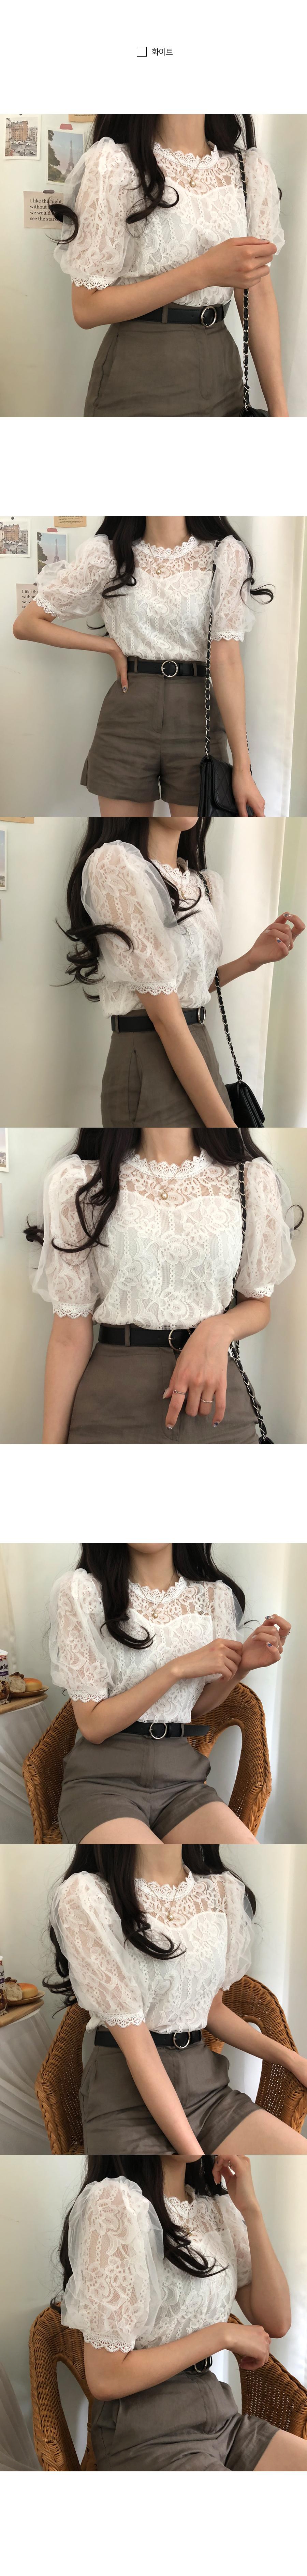 Chun Hye Hyang sleeve chiffon lace blouse